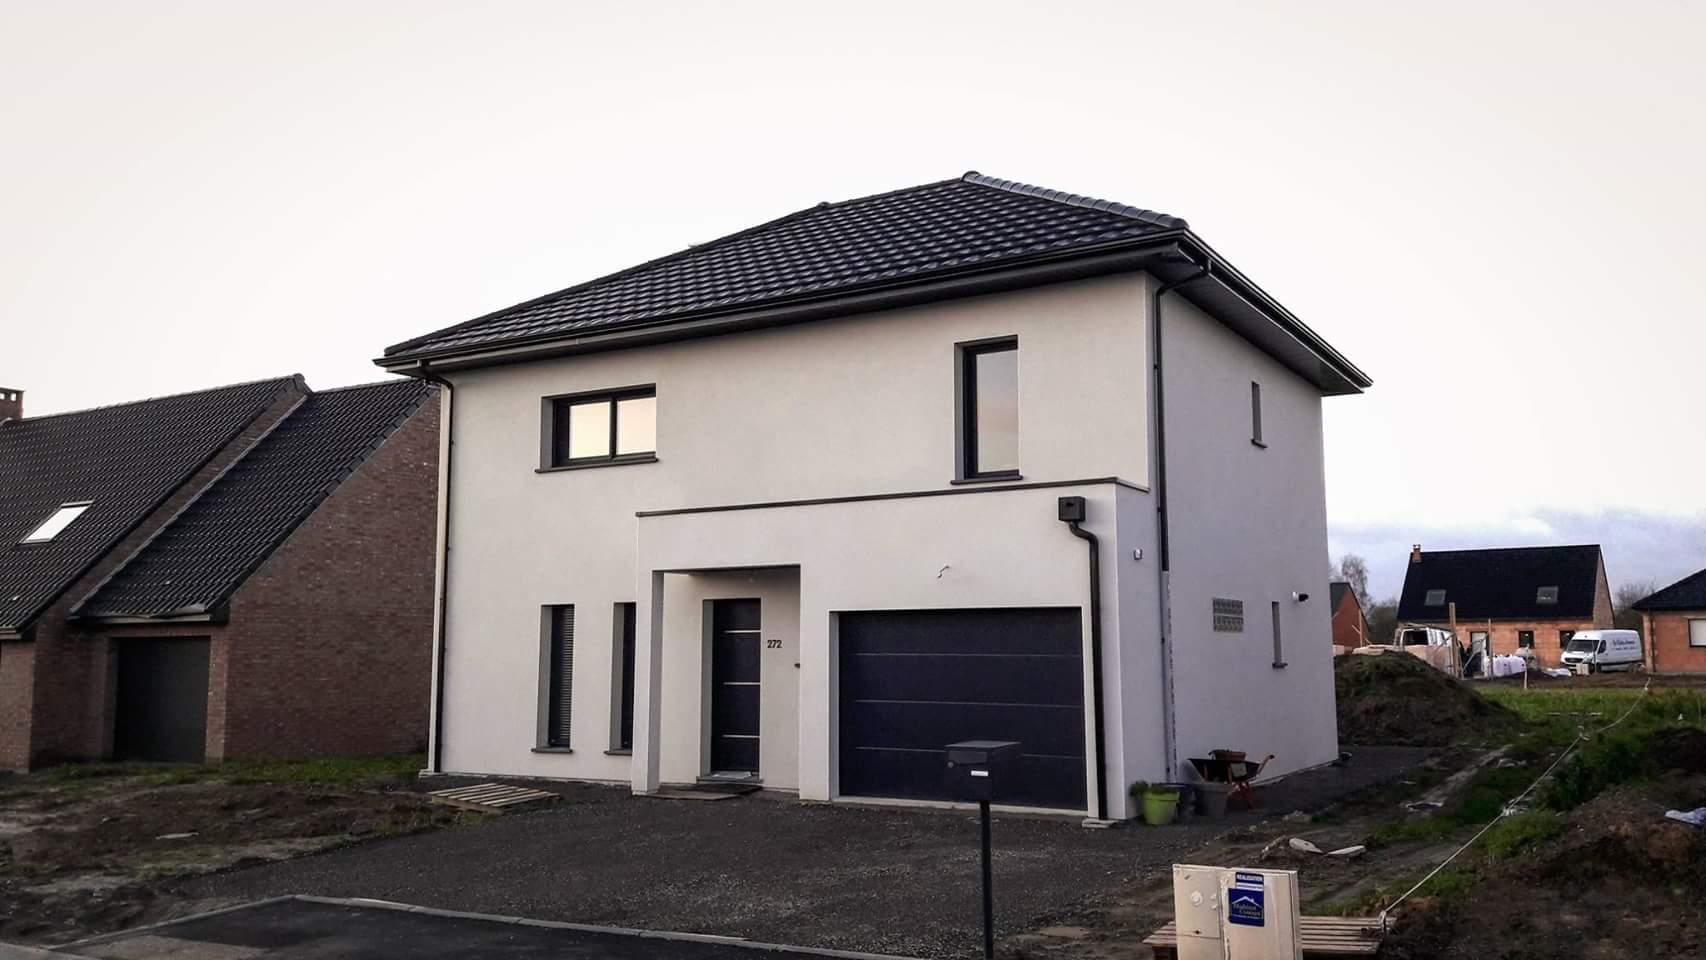 Maisons + Terrains du constructeur LES MAISONS.COM AULNAY SOUS BOIS • 86 m² • NEUILLY PLAISANCE